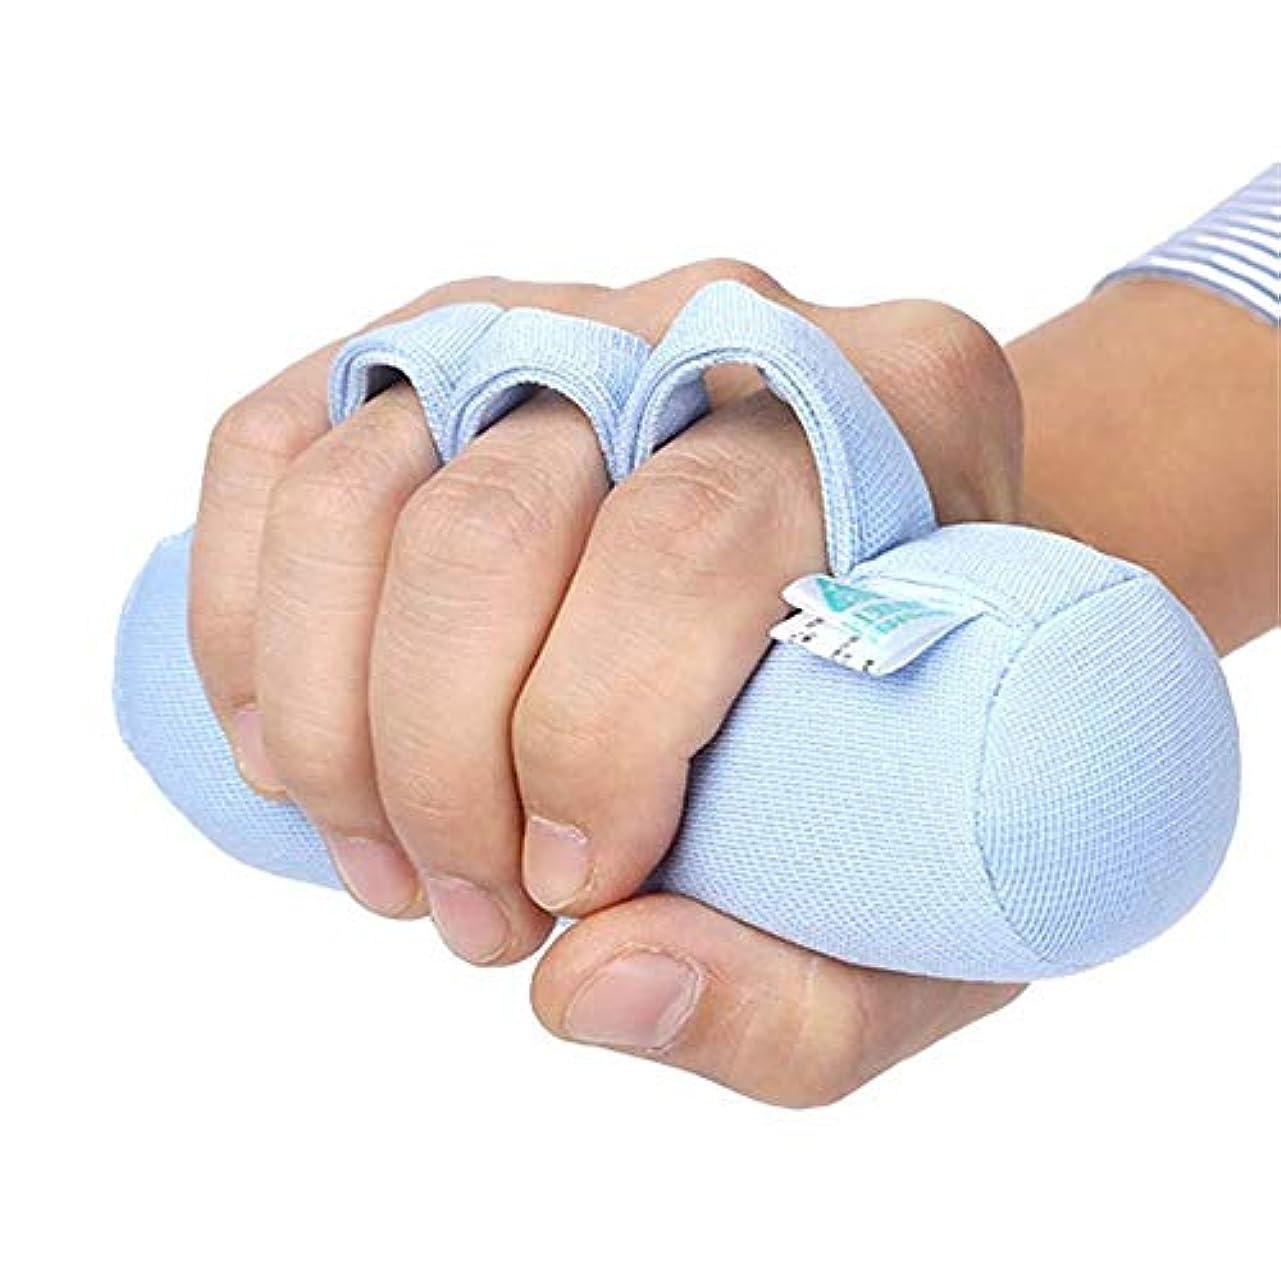 見通し論争的便利指の怪我のサポート、指のトレーニングリハビリテーション運動ツール右手左手中立手拳ボードを使用